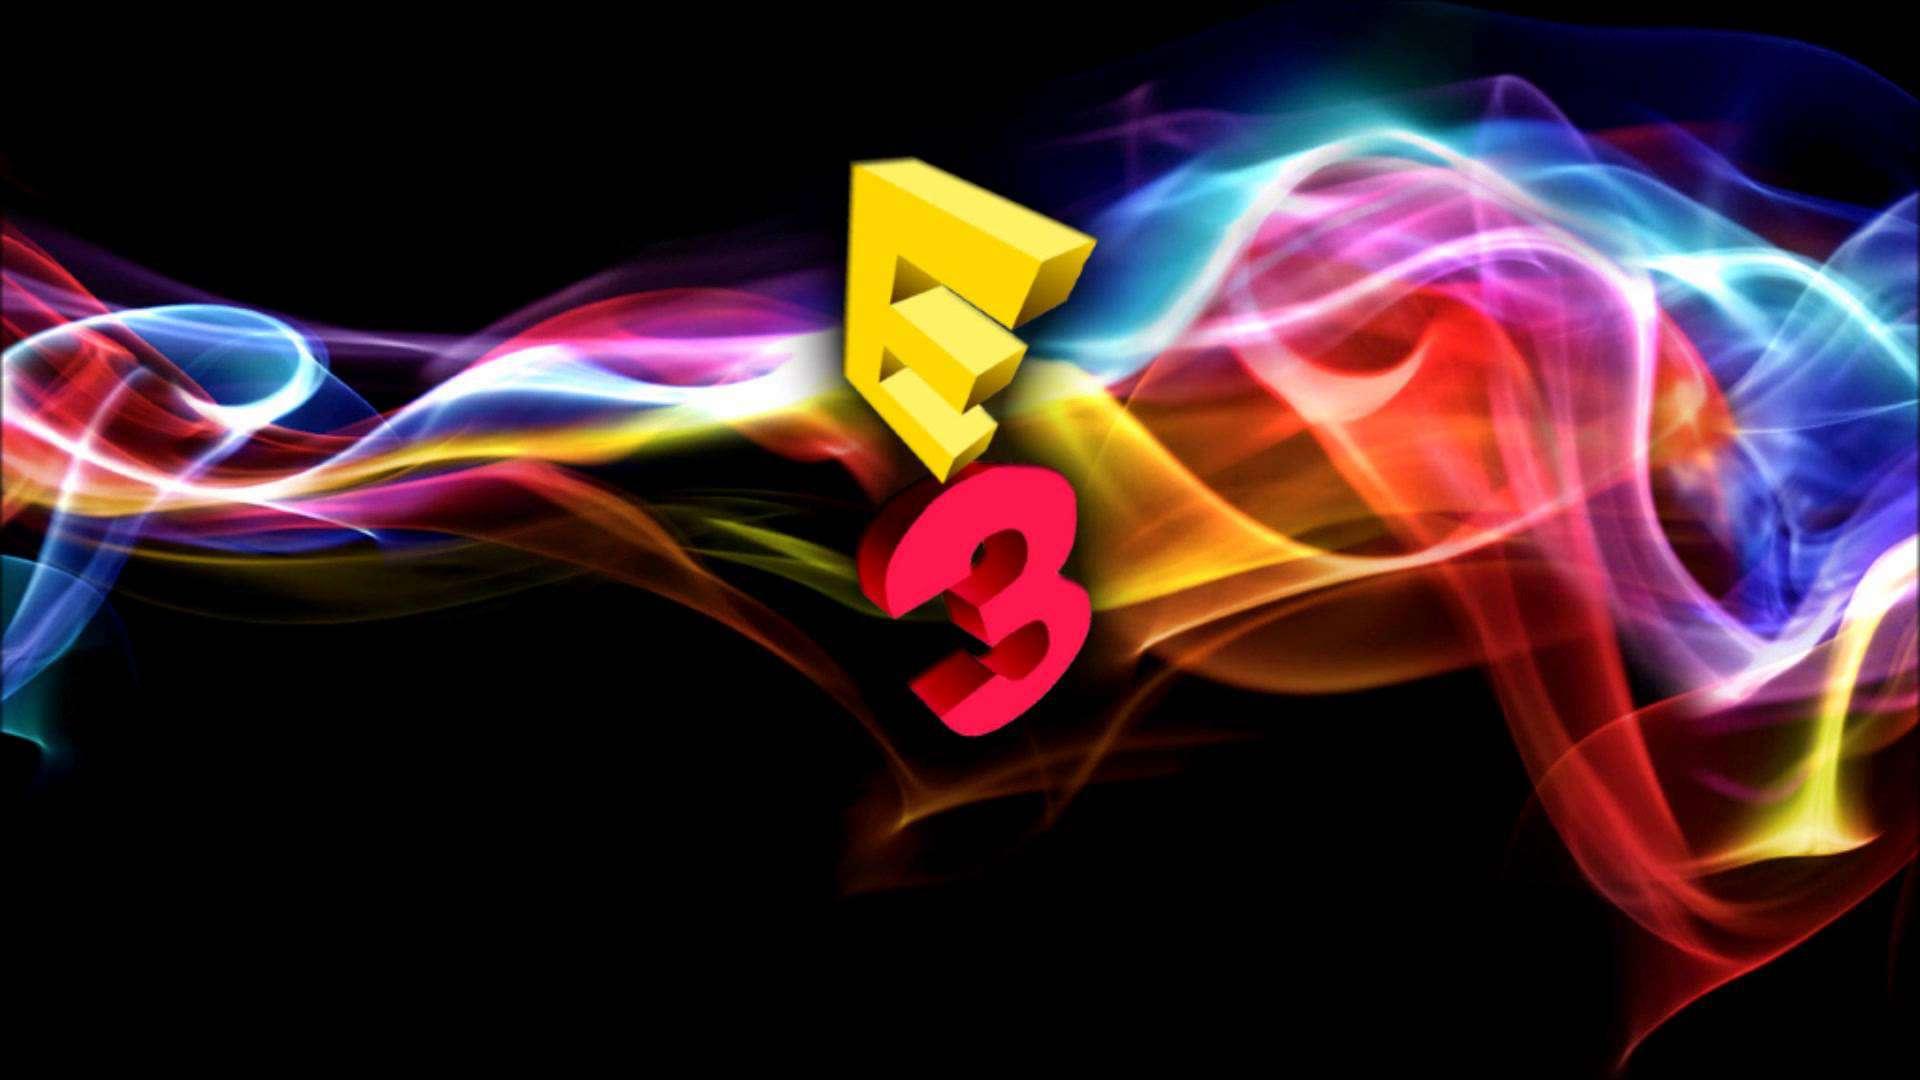 E3 Expo Logo Artwork